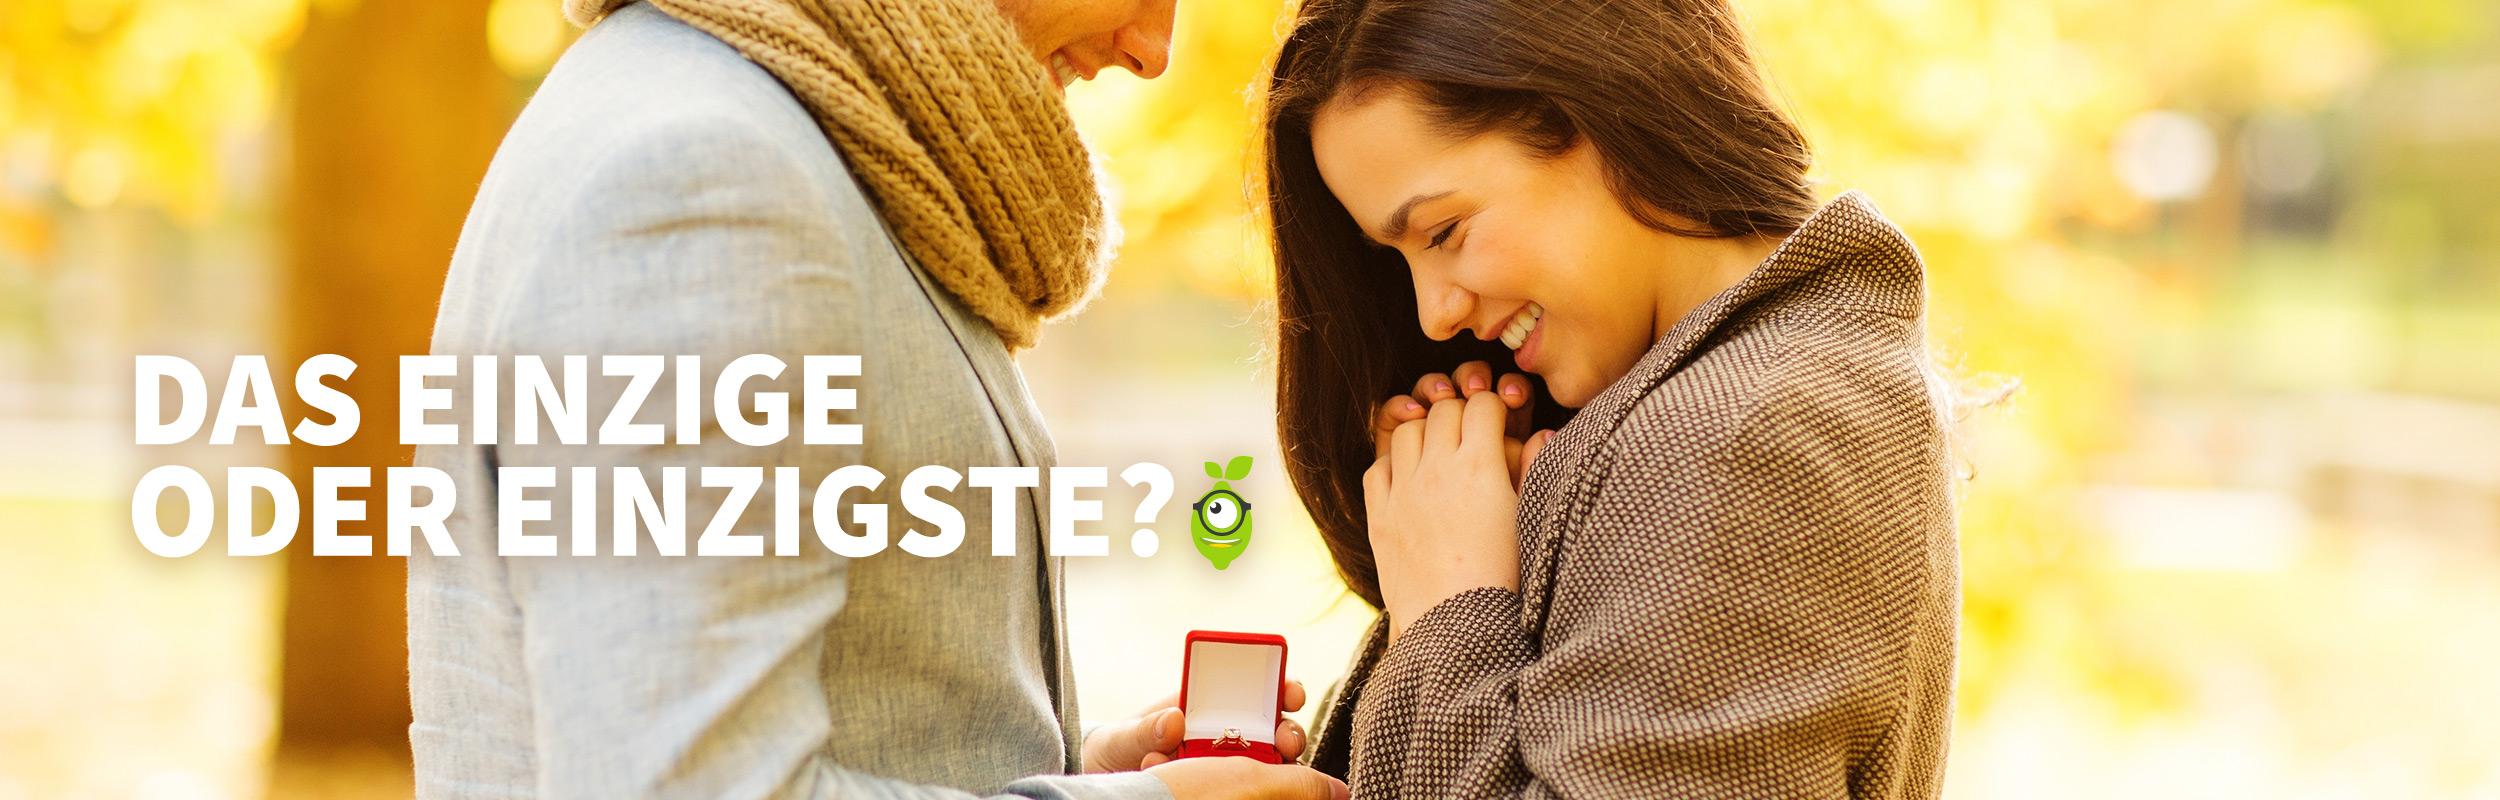 Viber-Dating-Nummern Biblische Datierungsgrundsätze